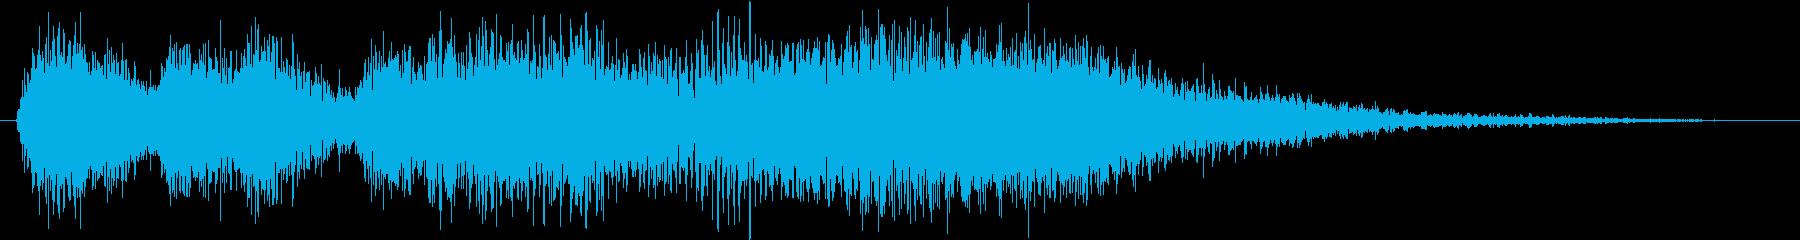 クラシックなイベント達成音ジングル5の再生済みの波形